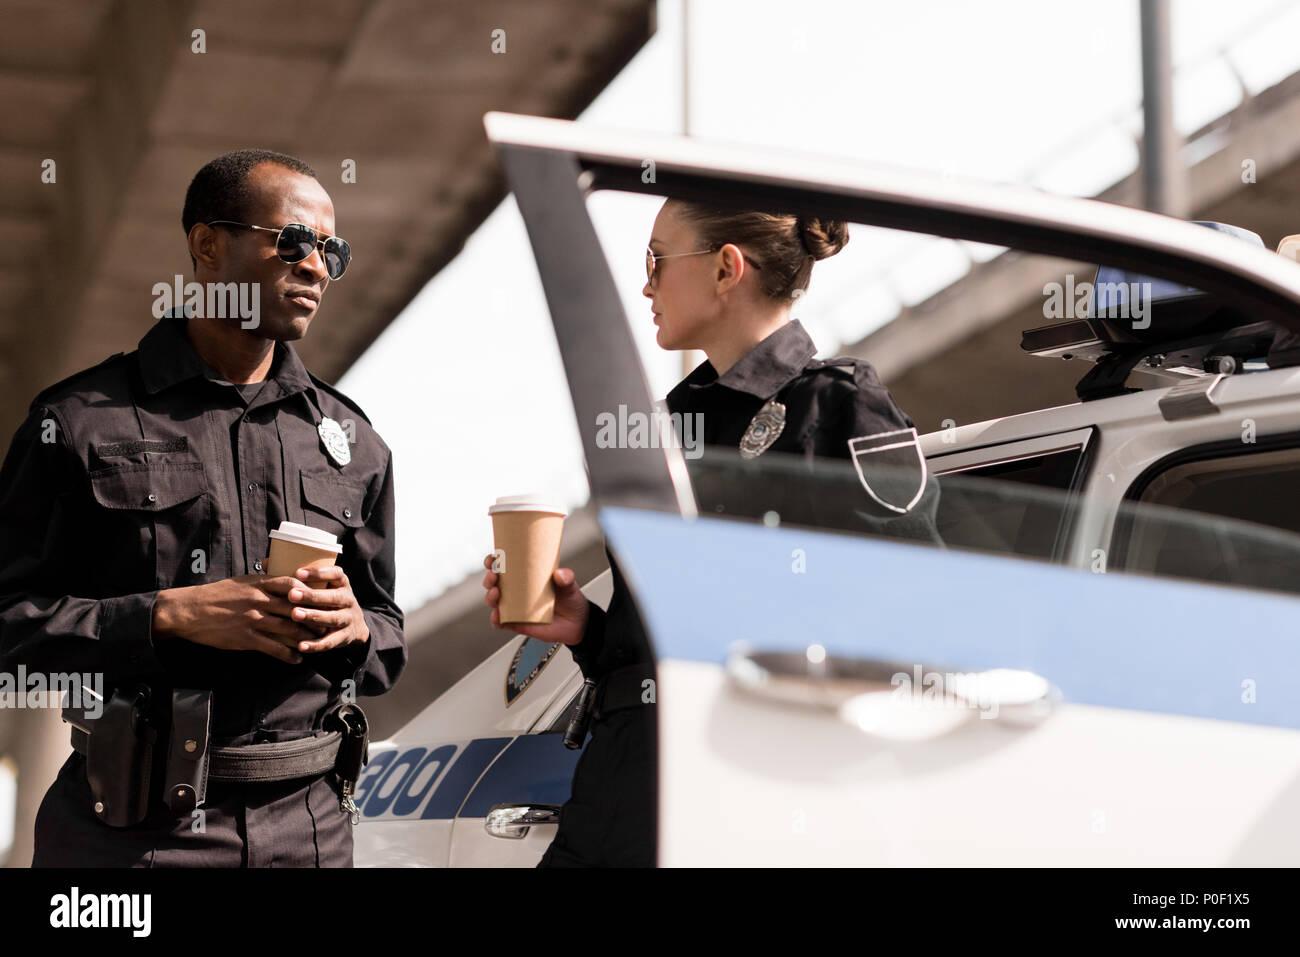 Rilassante giovani funzionari di polizia di bere il caffè vicino auto della polizia. Immagini Stock